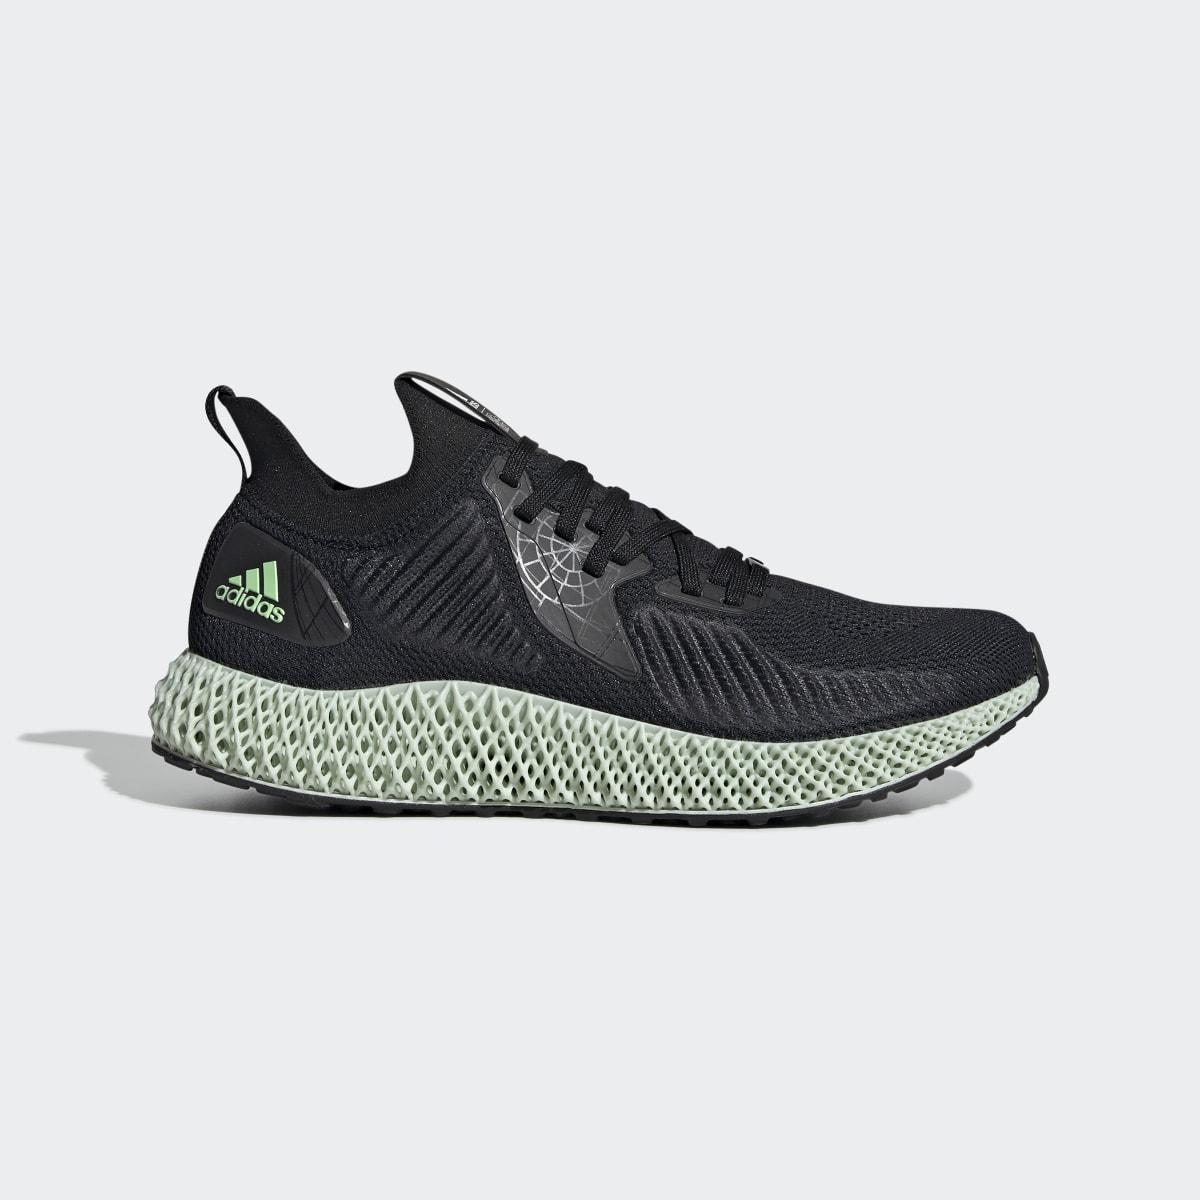 adidas shoes de 59% di sconto sglabs.it